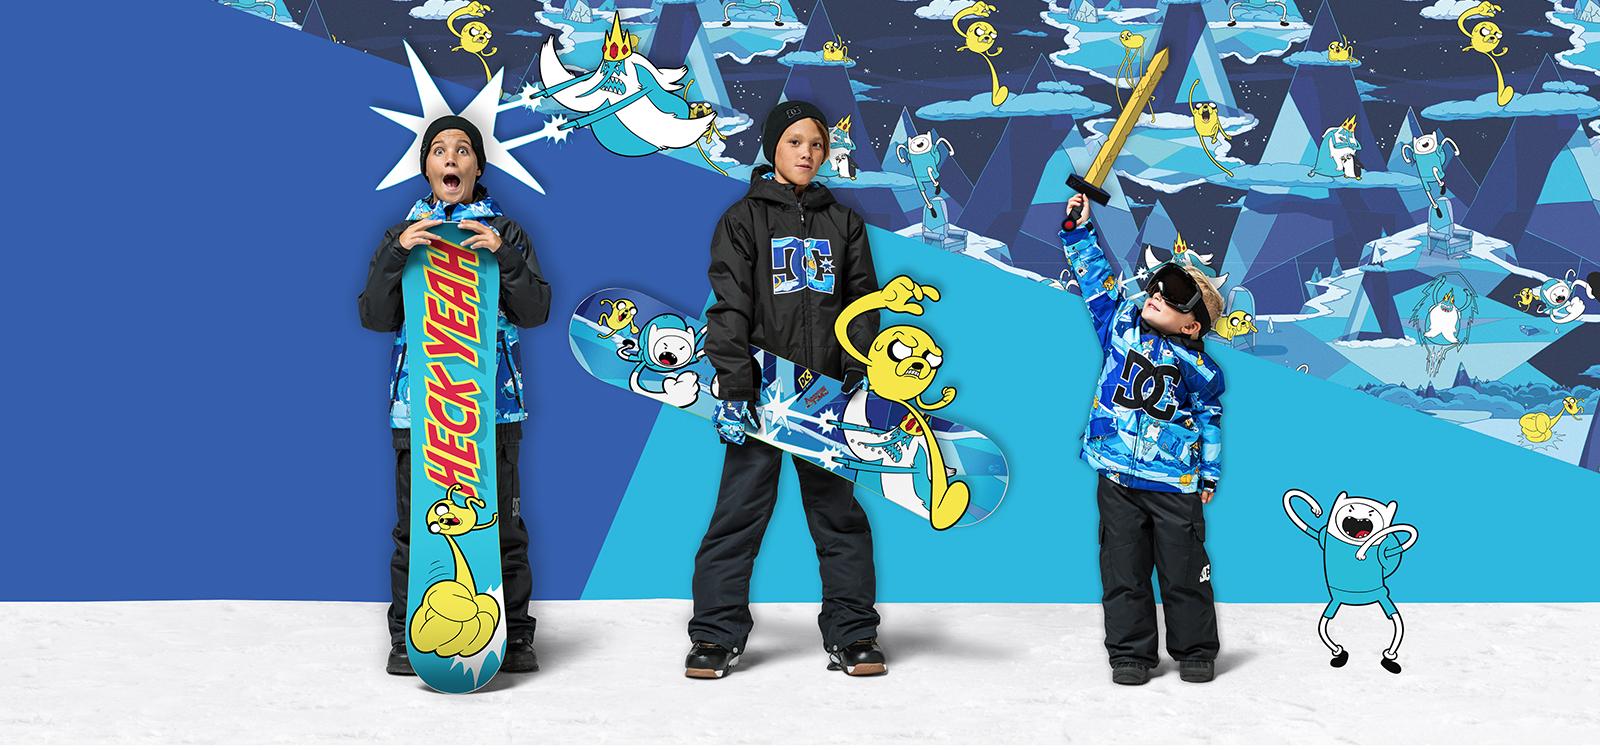 schoen voor snowboard